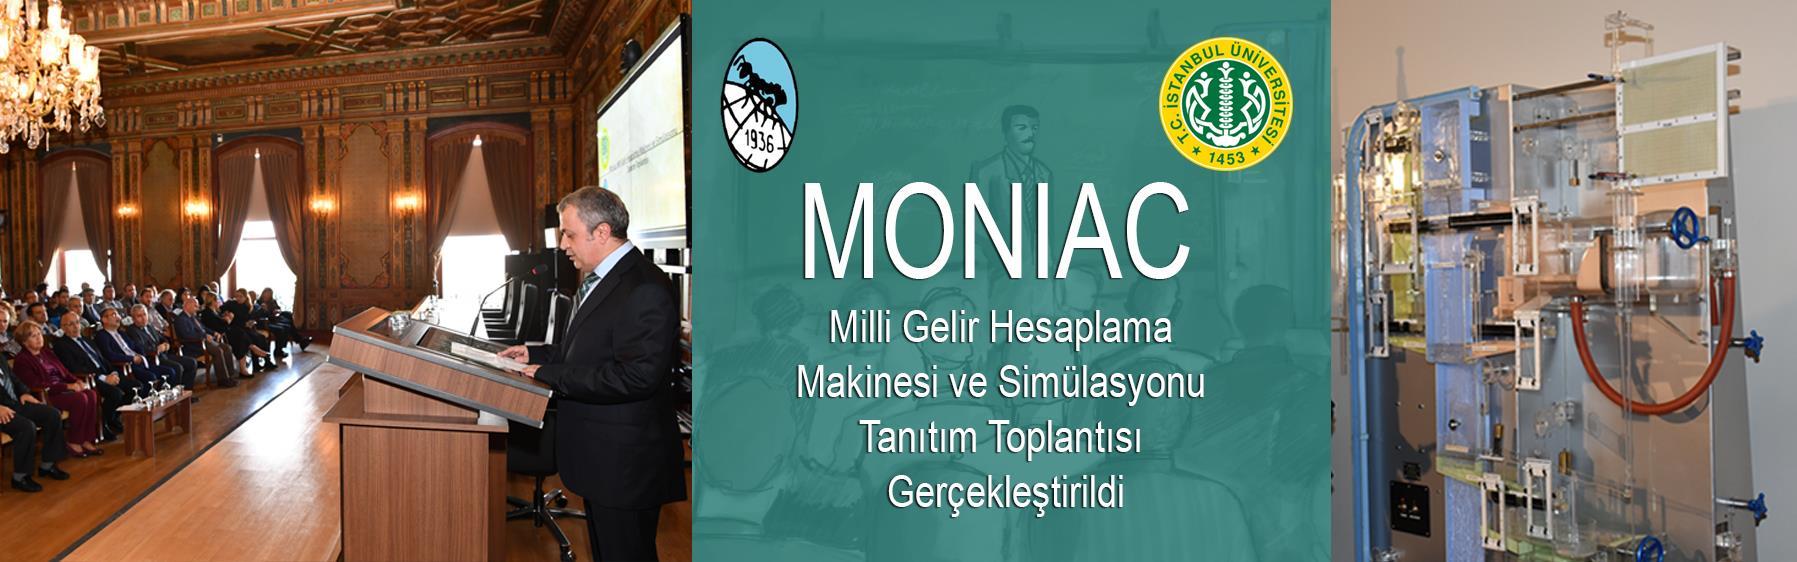 MONIAC-Milli-Gelir-Hesaplama-Makinesi-ve-Simülasyonu-Tanıtım-Toplantısı-Gerçekleştirildi